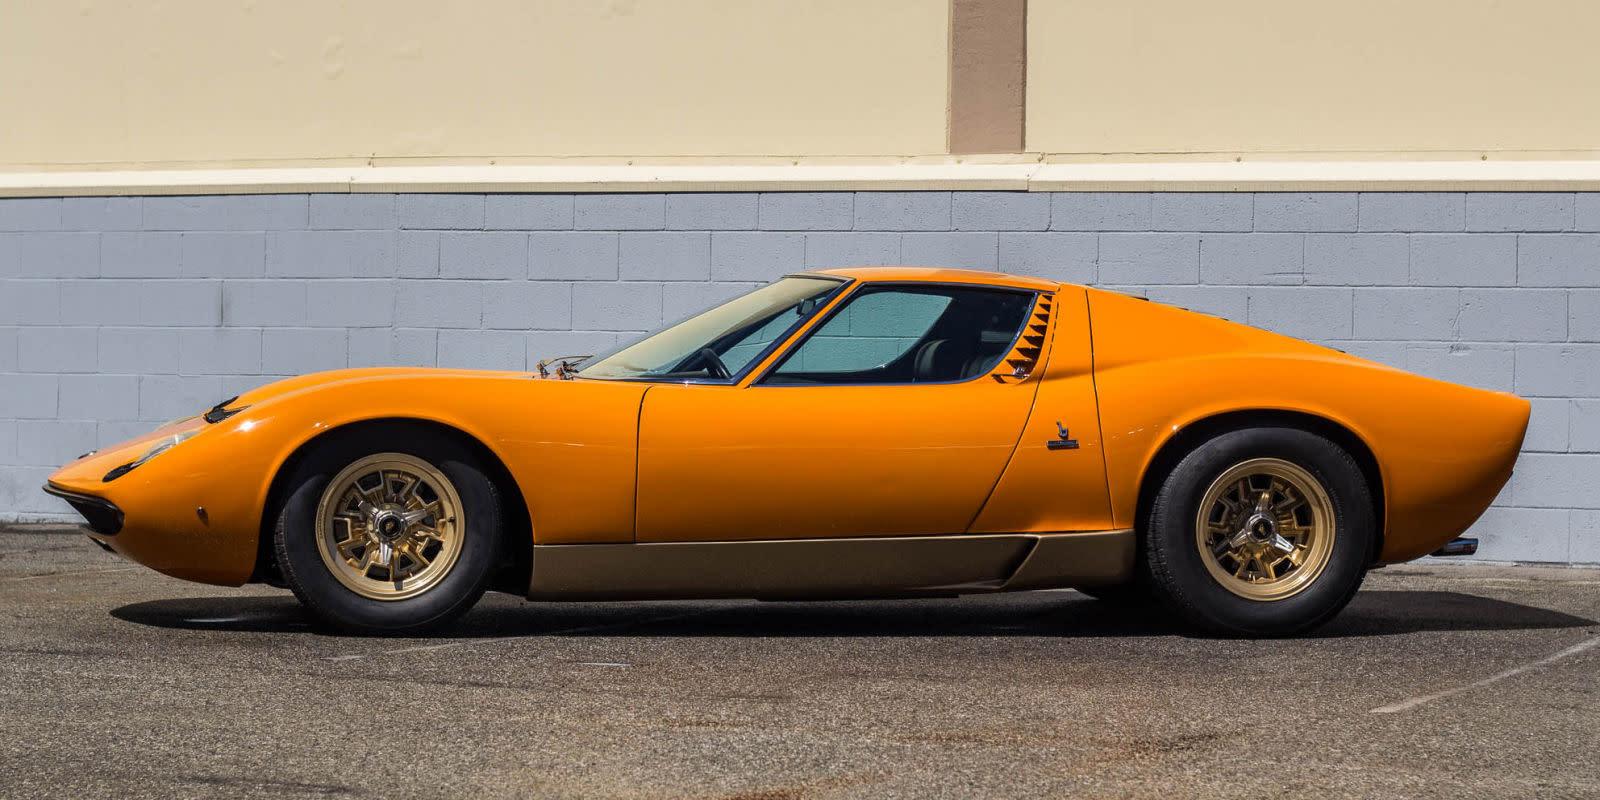 Adam Carolla Is Selling 4 3 Million Of Vintage Lamborghinis